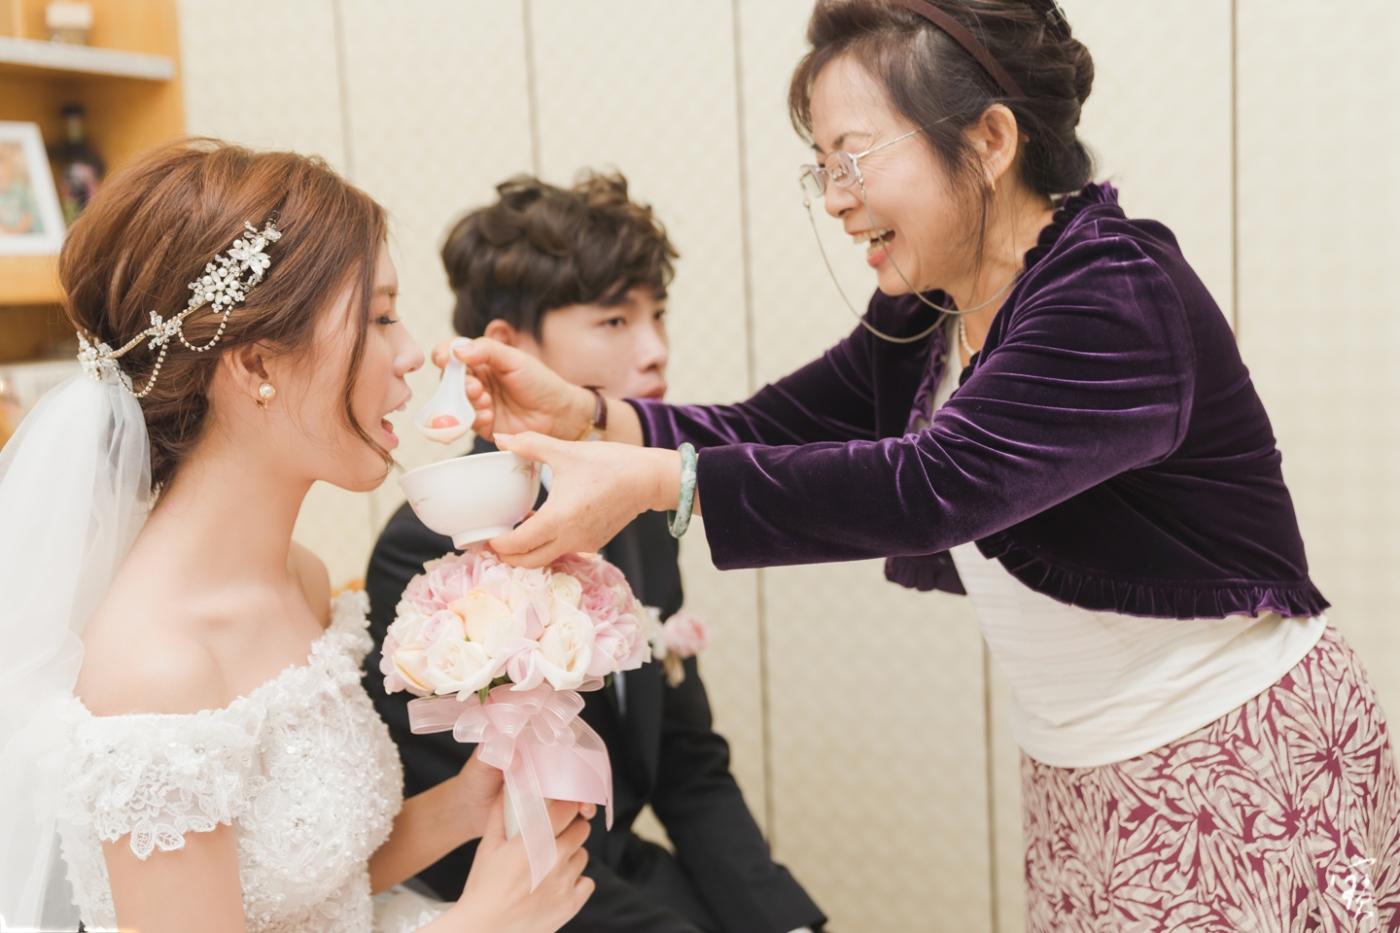 婚禮攝影 新竹彭園 冬伴影像 攝影師大寶 婚紗攝影 新娘新郎 早儀午宴20181125-168